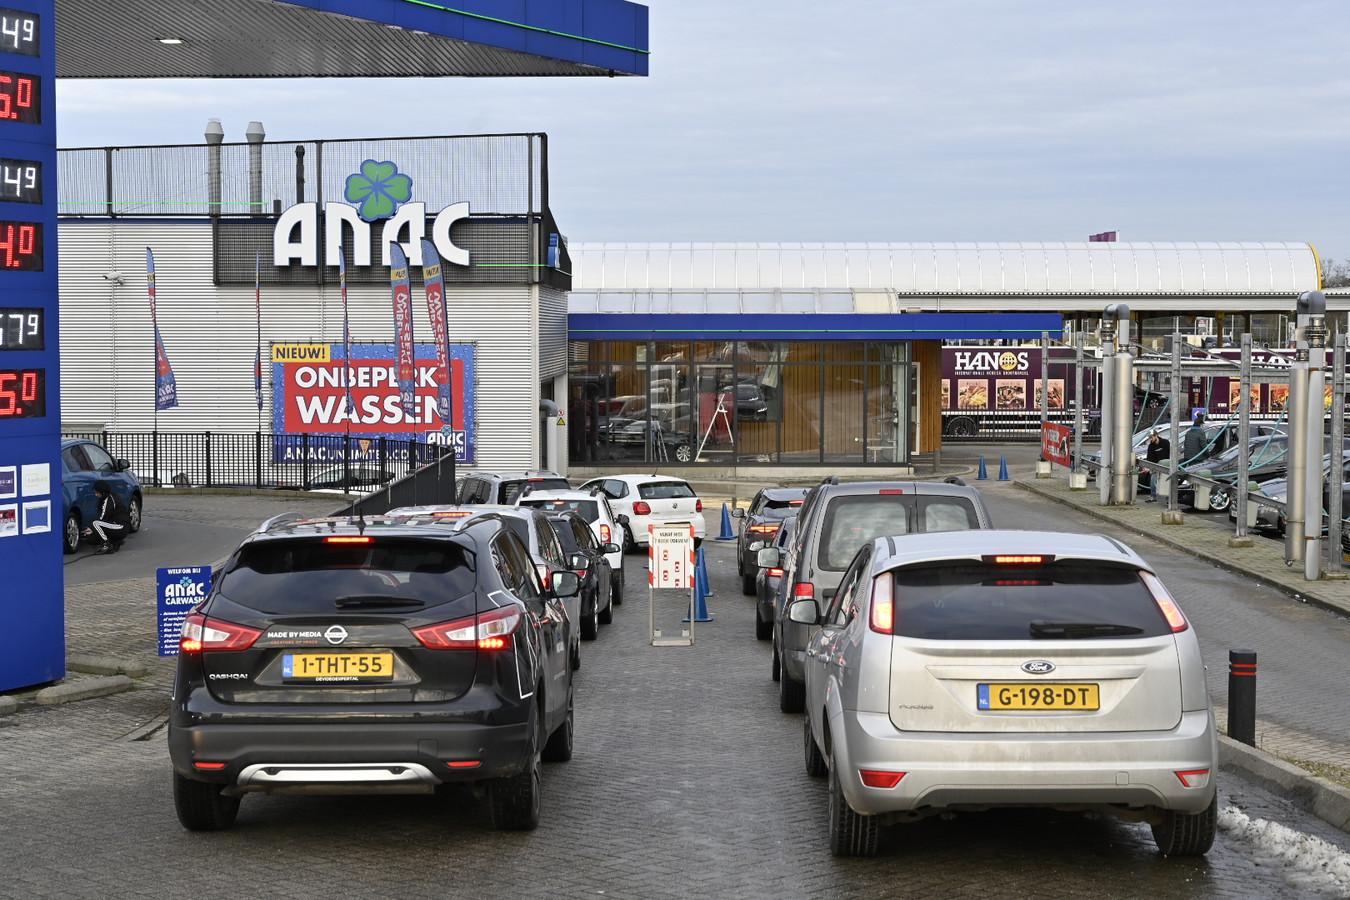 In de rij voor de wasstraat bij de Anac in Nijmegen.